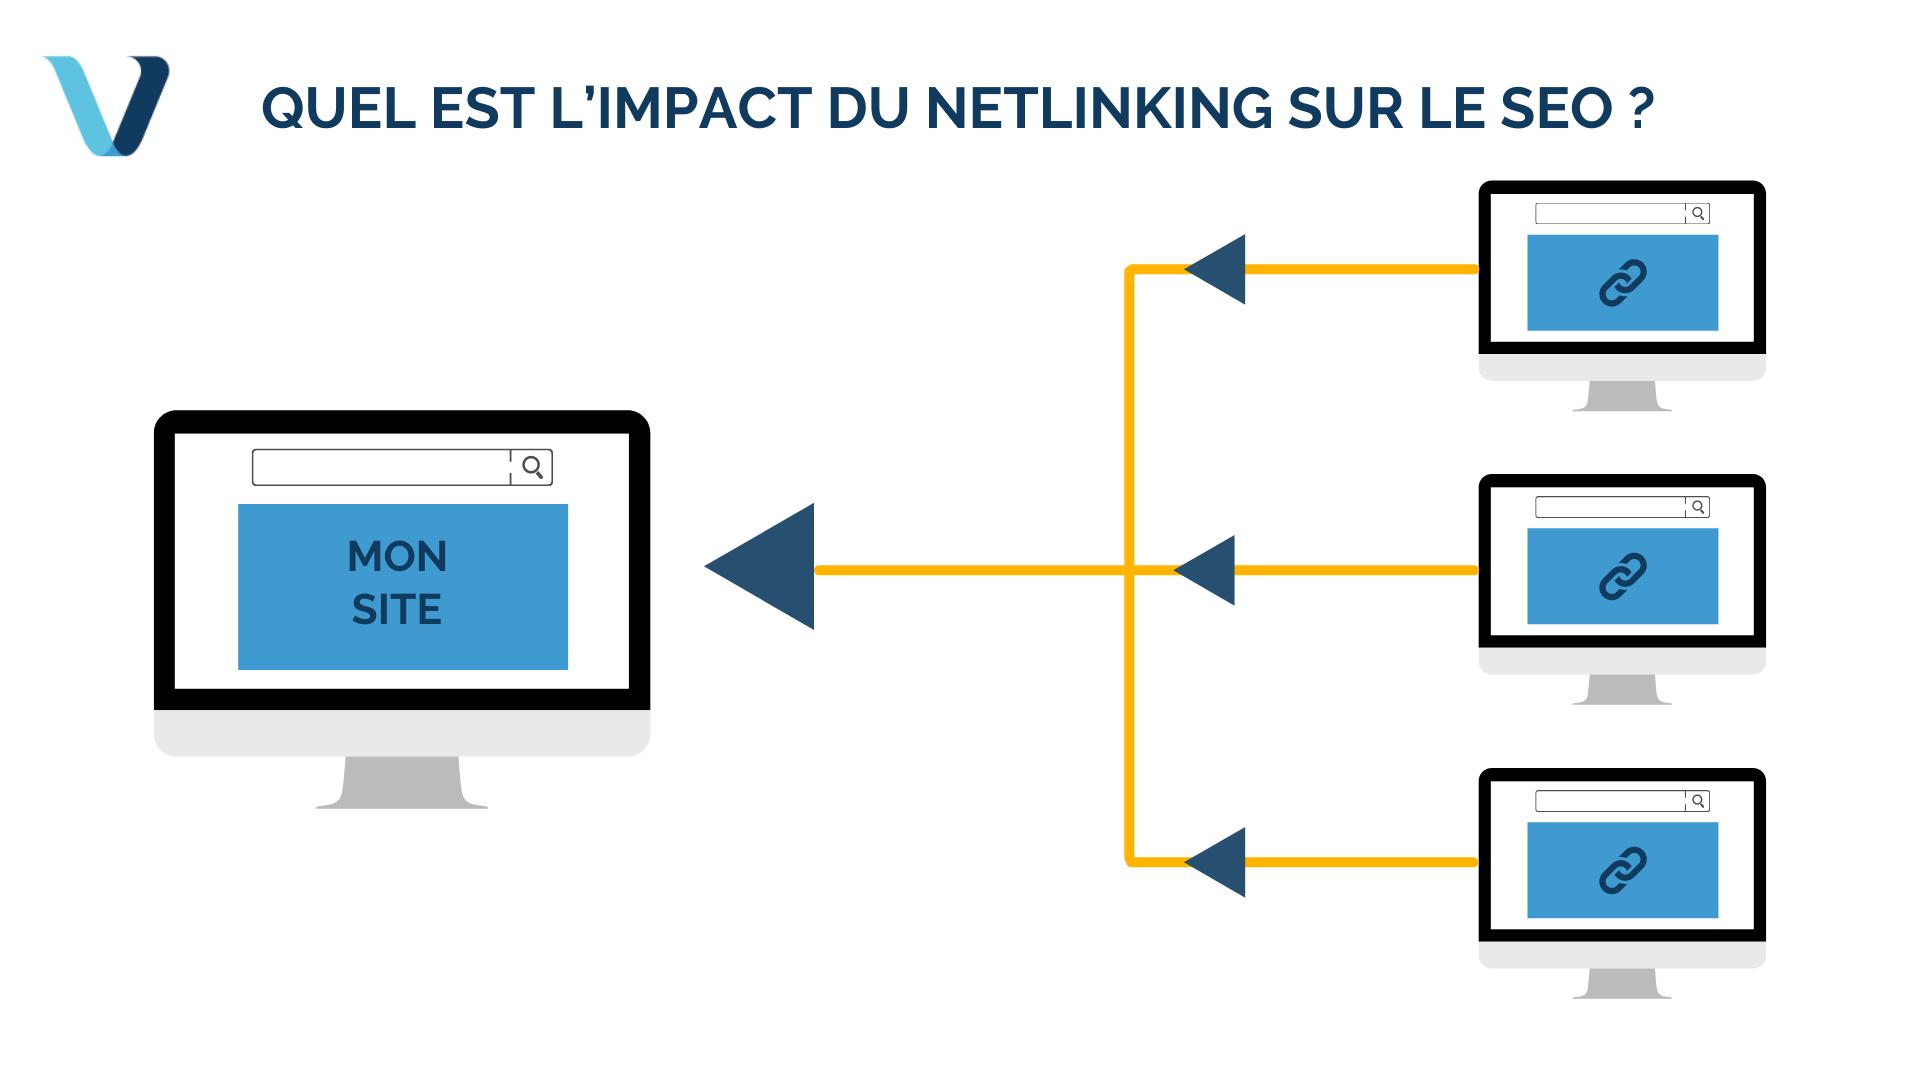 Quel est l'impact du netlinking sur le SEO ?